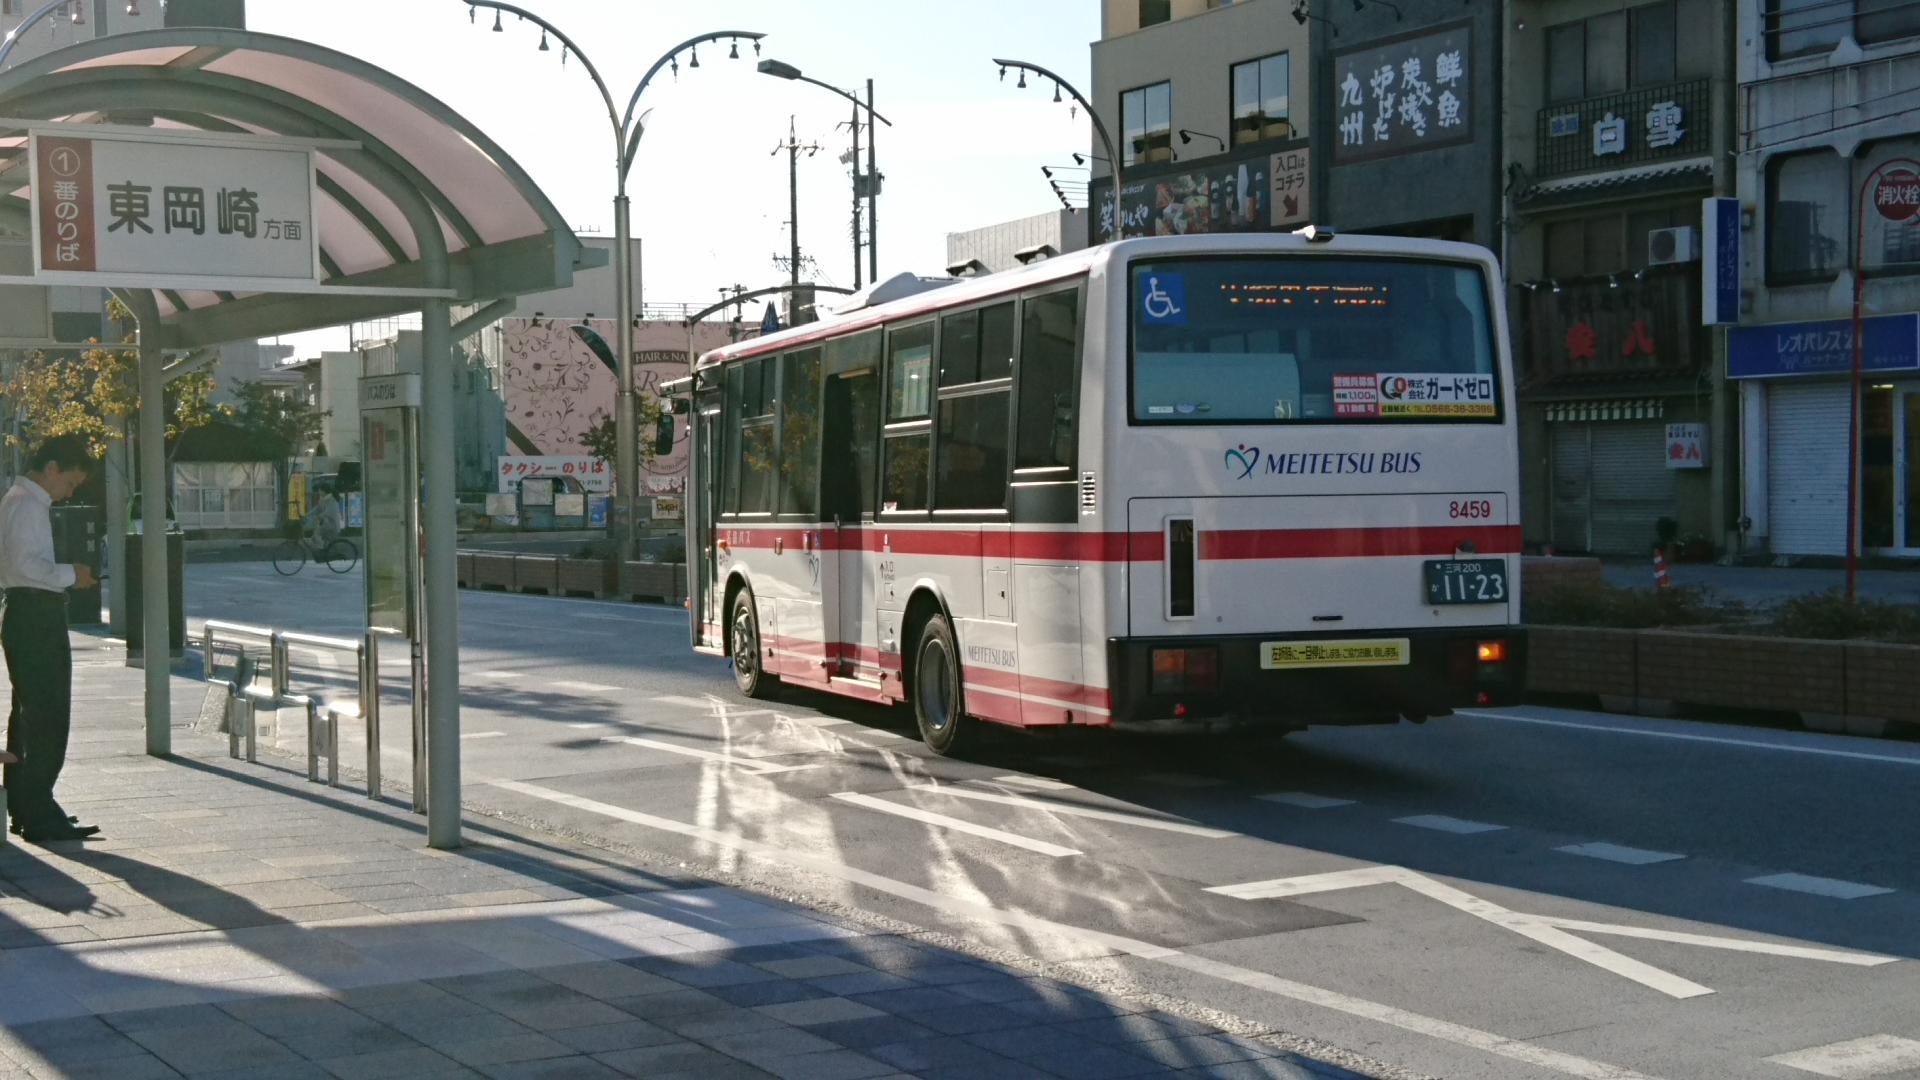 2016.10.27 あんじょうえきまえ - 名鉄バス (1)